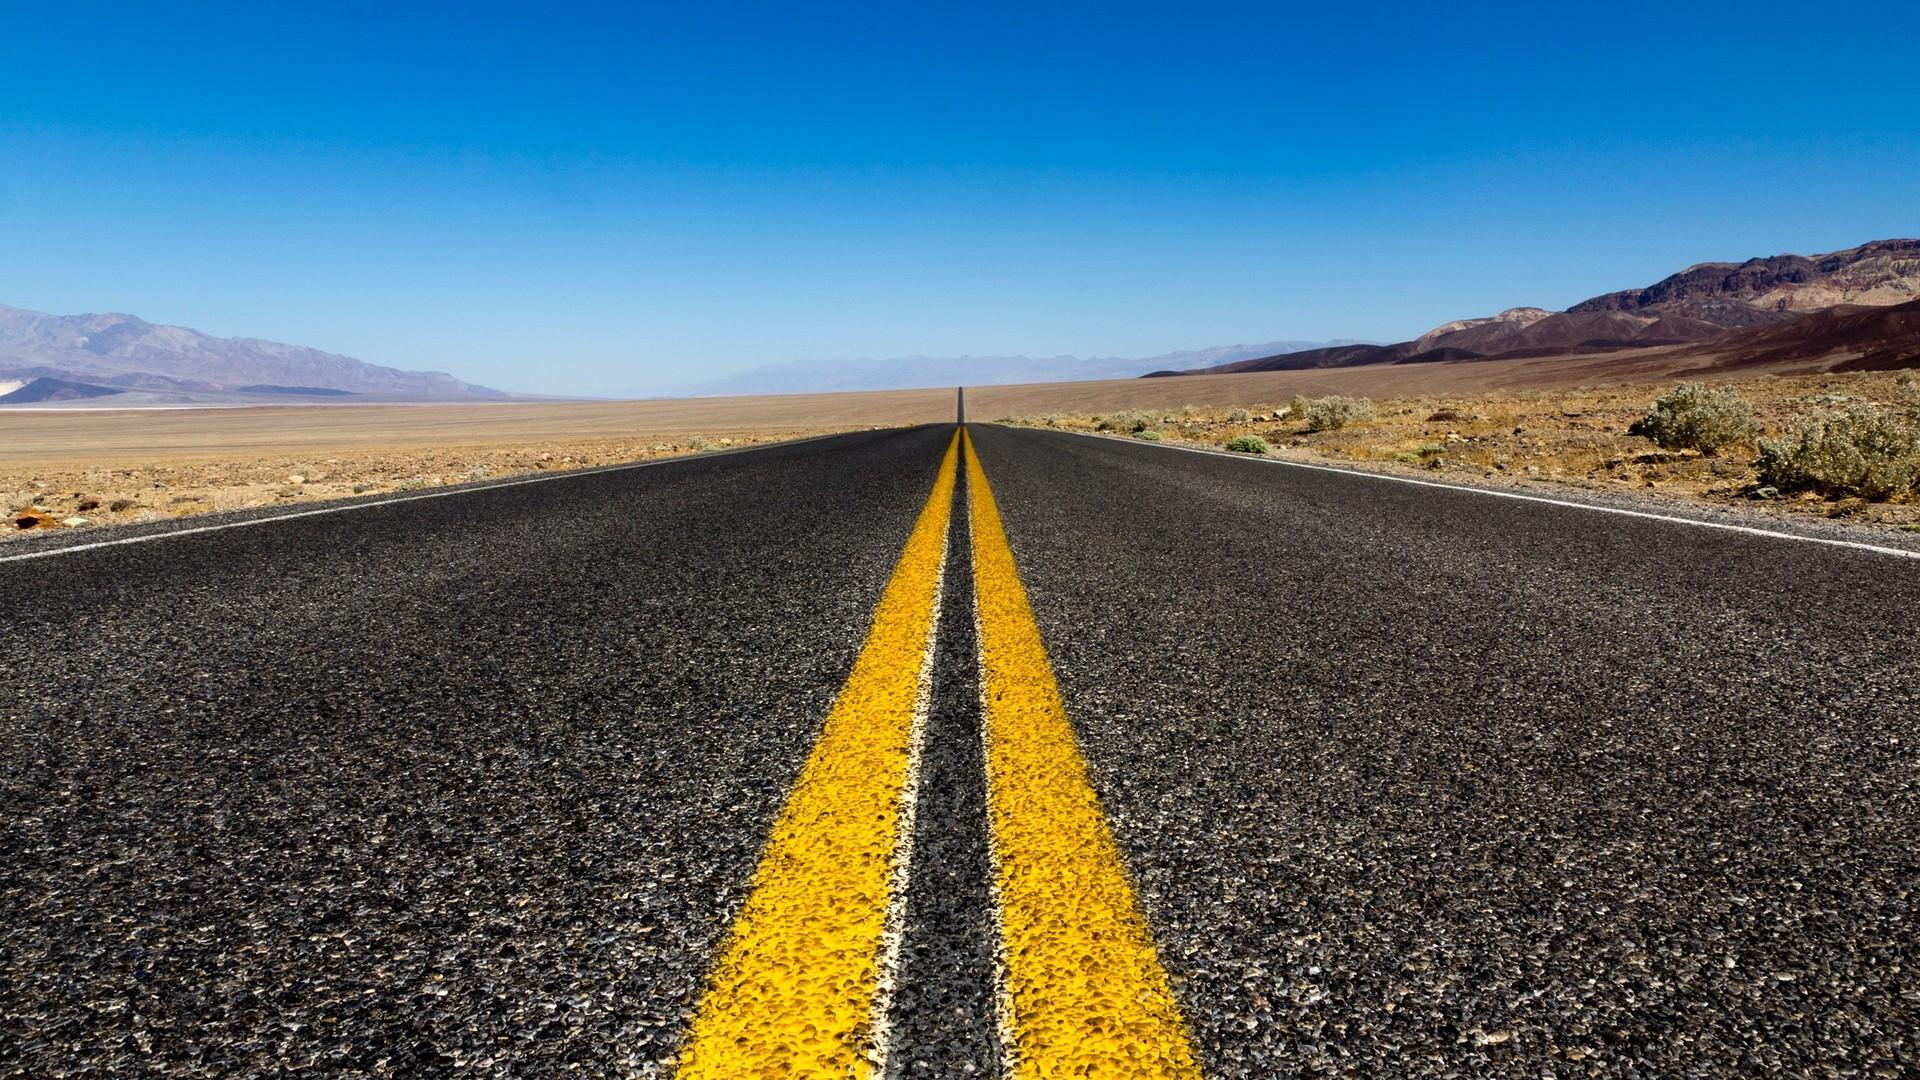 デスクトップ壁紙 日光 風景 丘 フィールド 道路 砂漠 汚れの